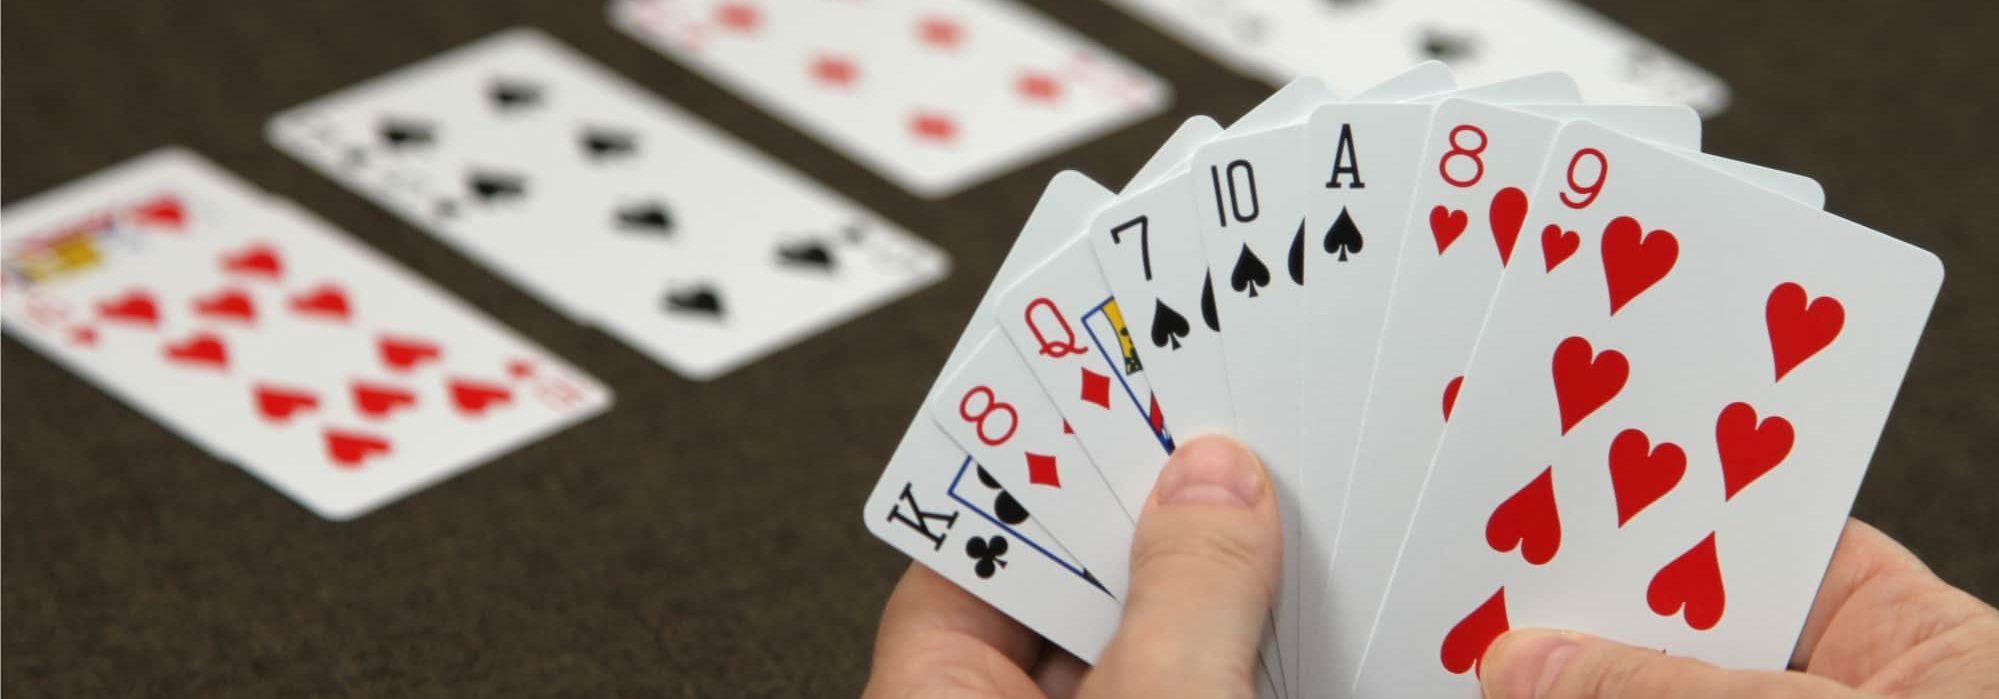 Hampton Seniors Resource Centre bridge game